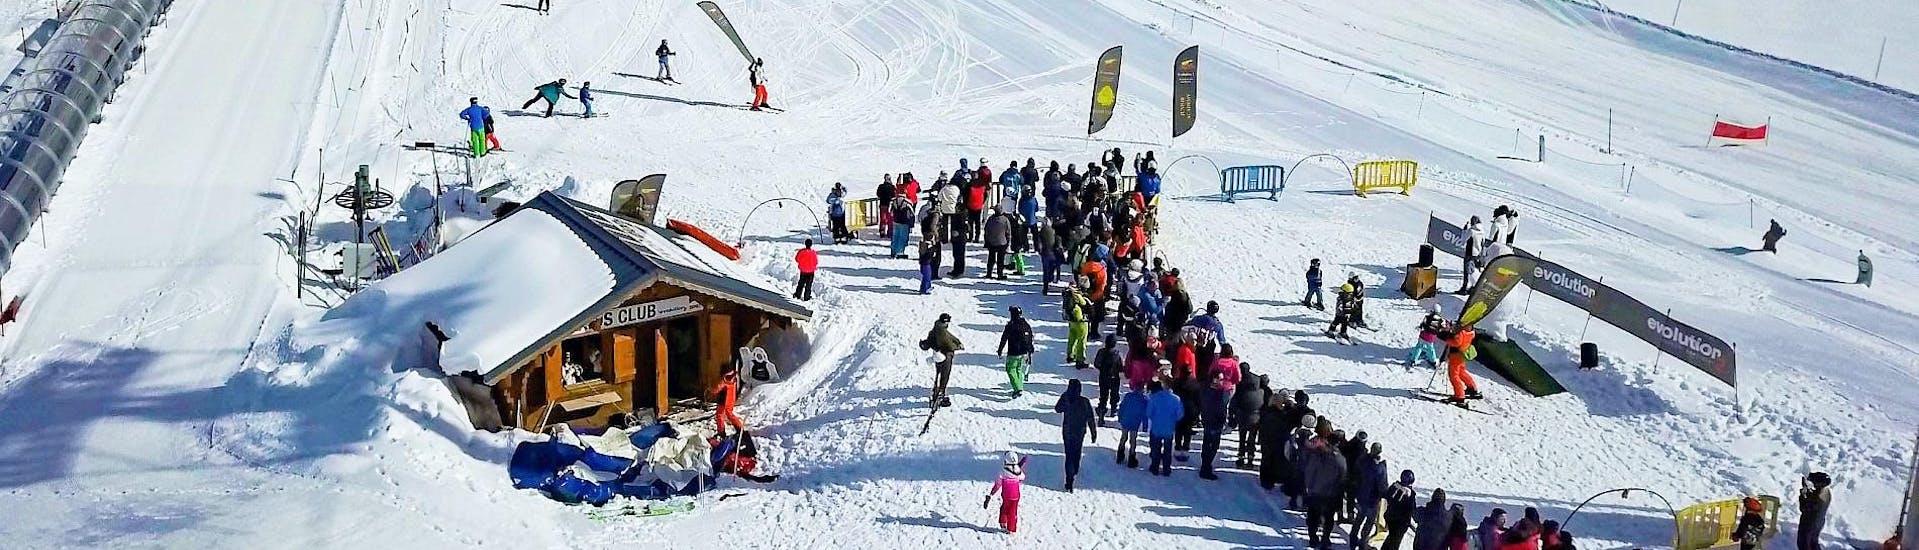 """Des jeunes skieurs apprennent à skier dans l'environnement sûr du Kids Club de l'école de ski Evolution 2 Tignes pendant leur Cours de ski pour Enfants """"Kids Club"""" (3-5 ans) - Après-midi."""